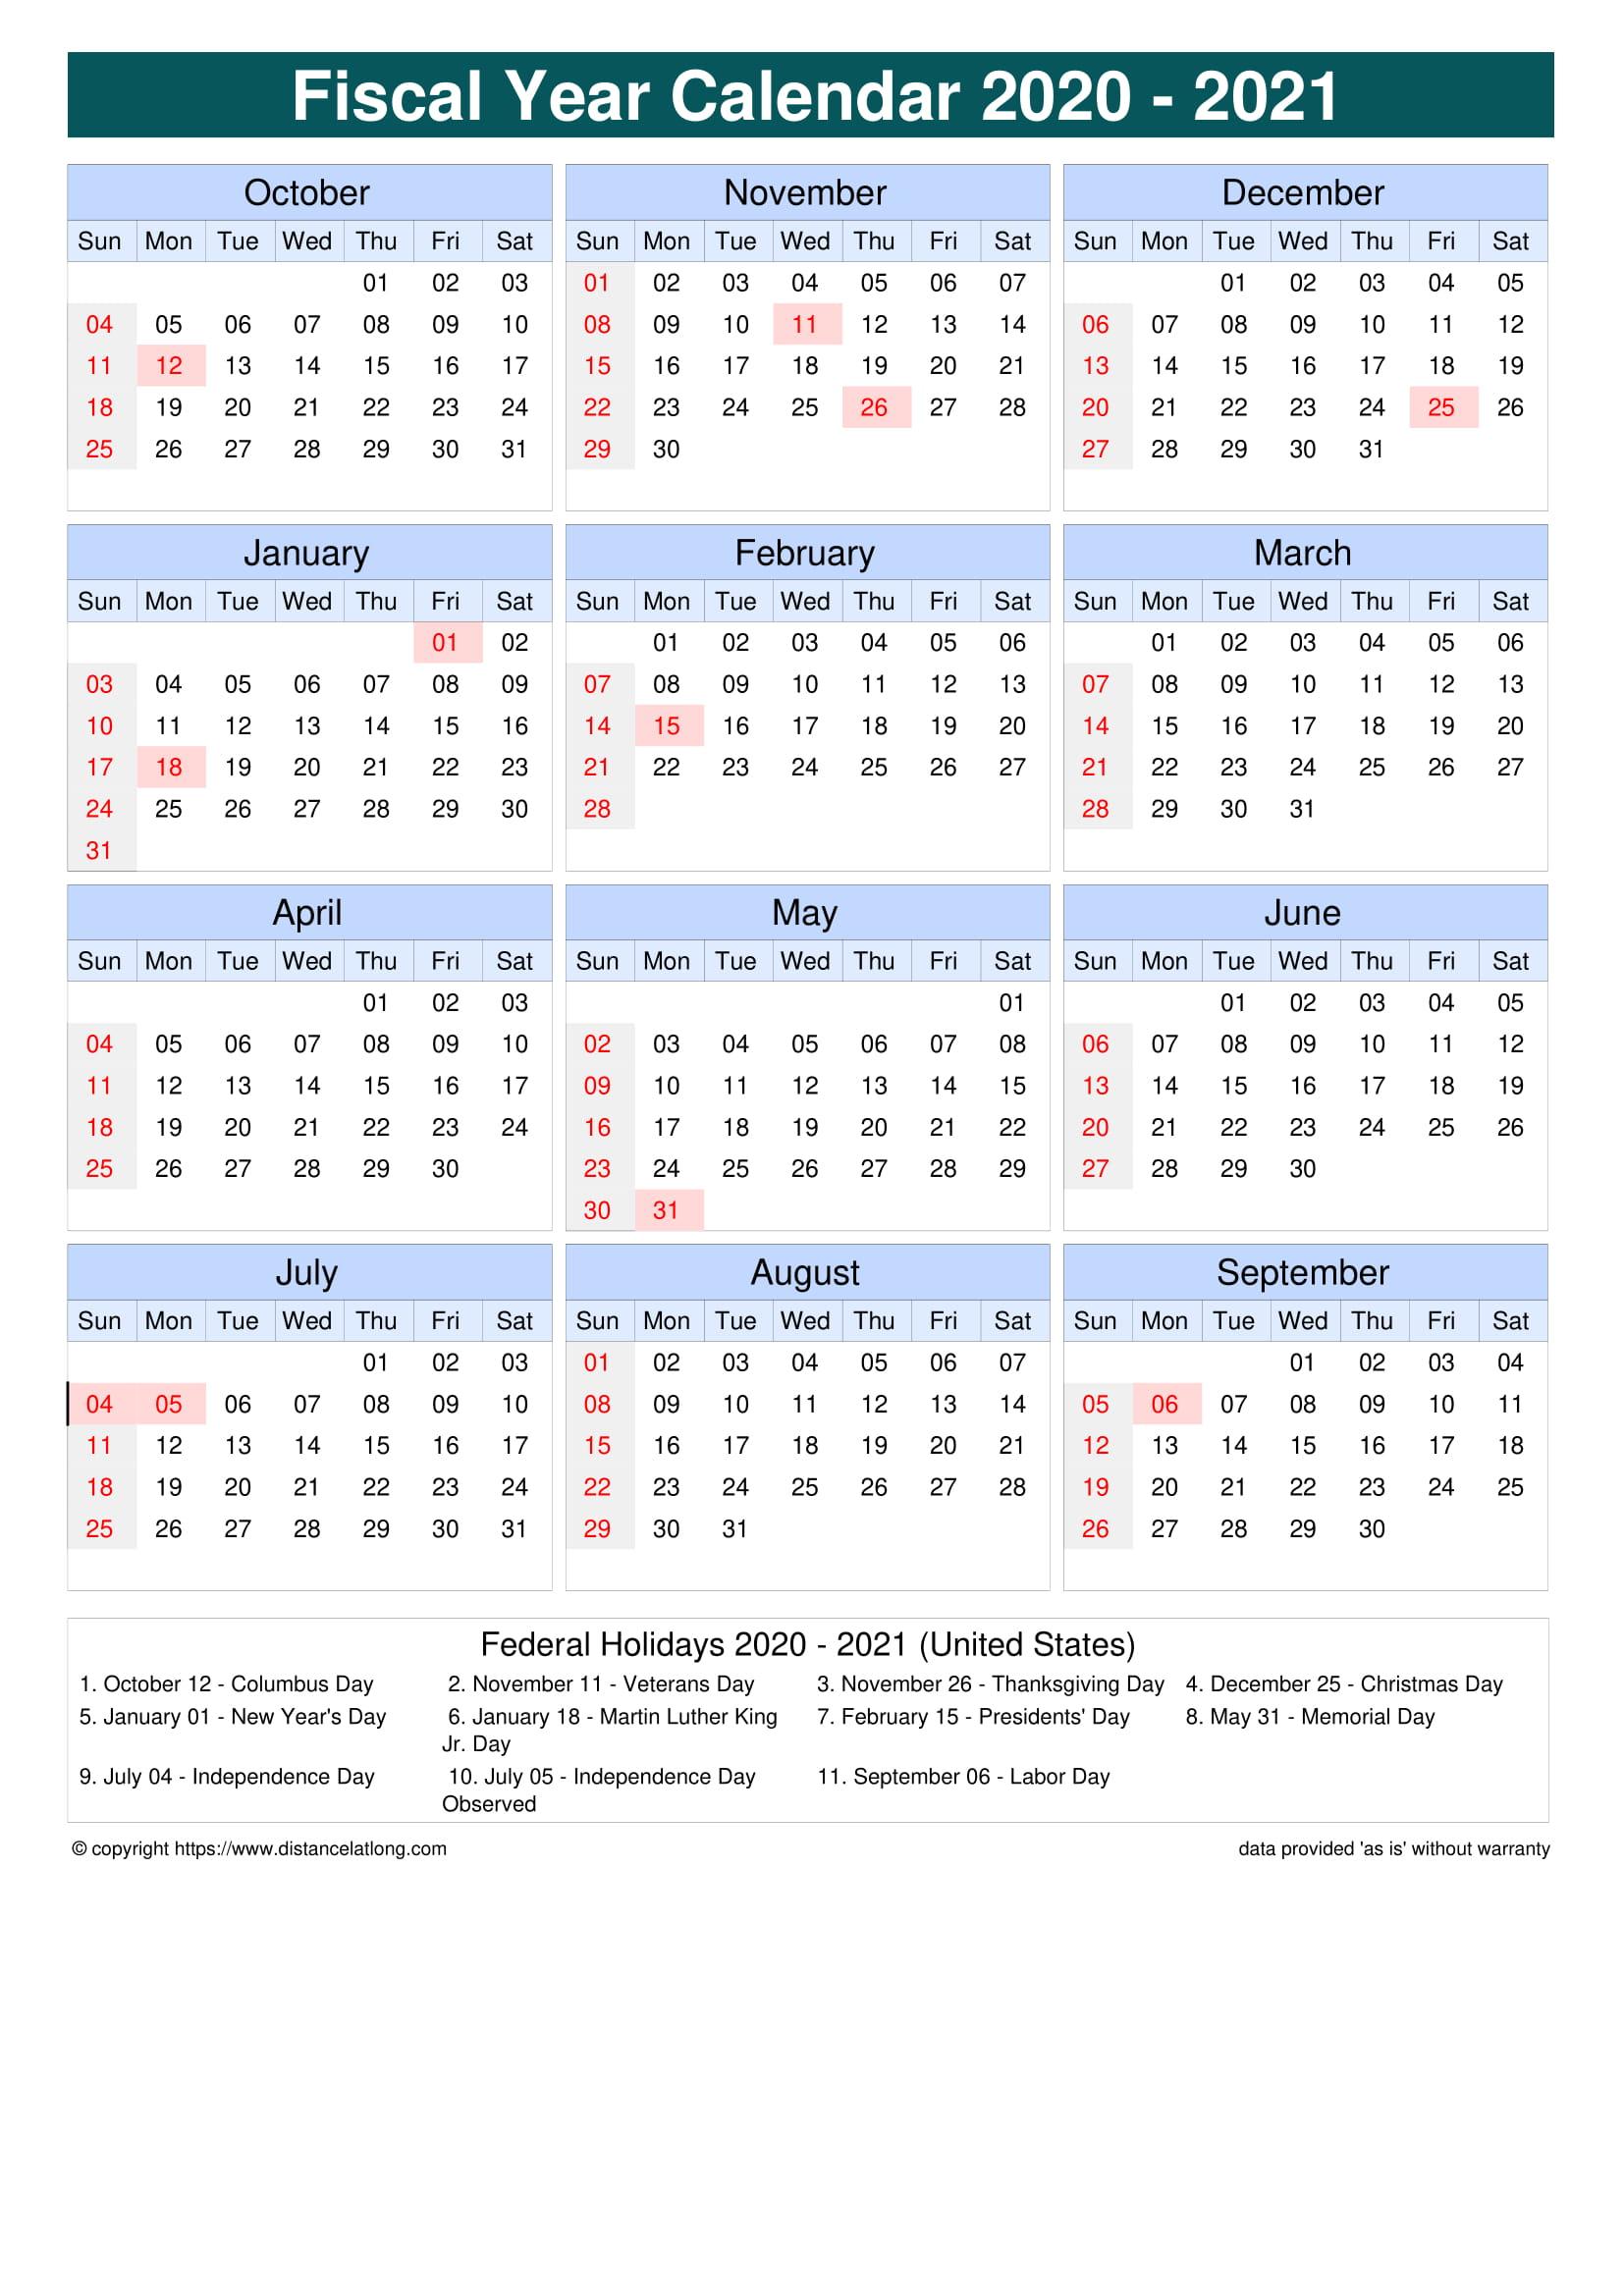 Calendar July 2020 To June 2021 | Calendar 2021